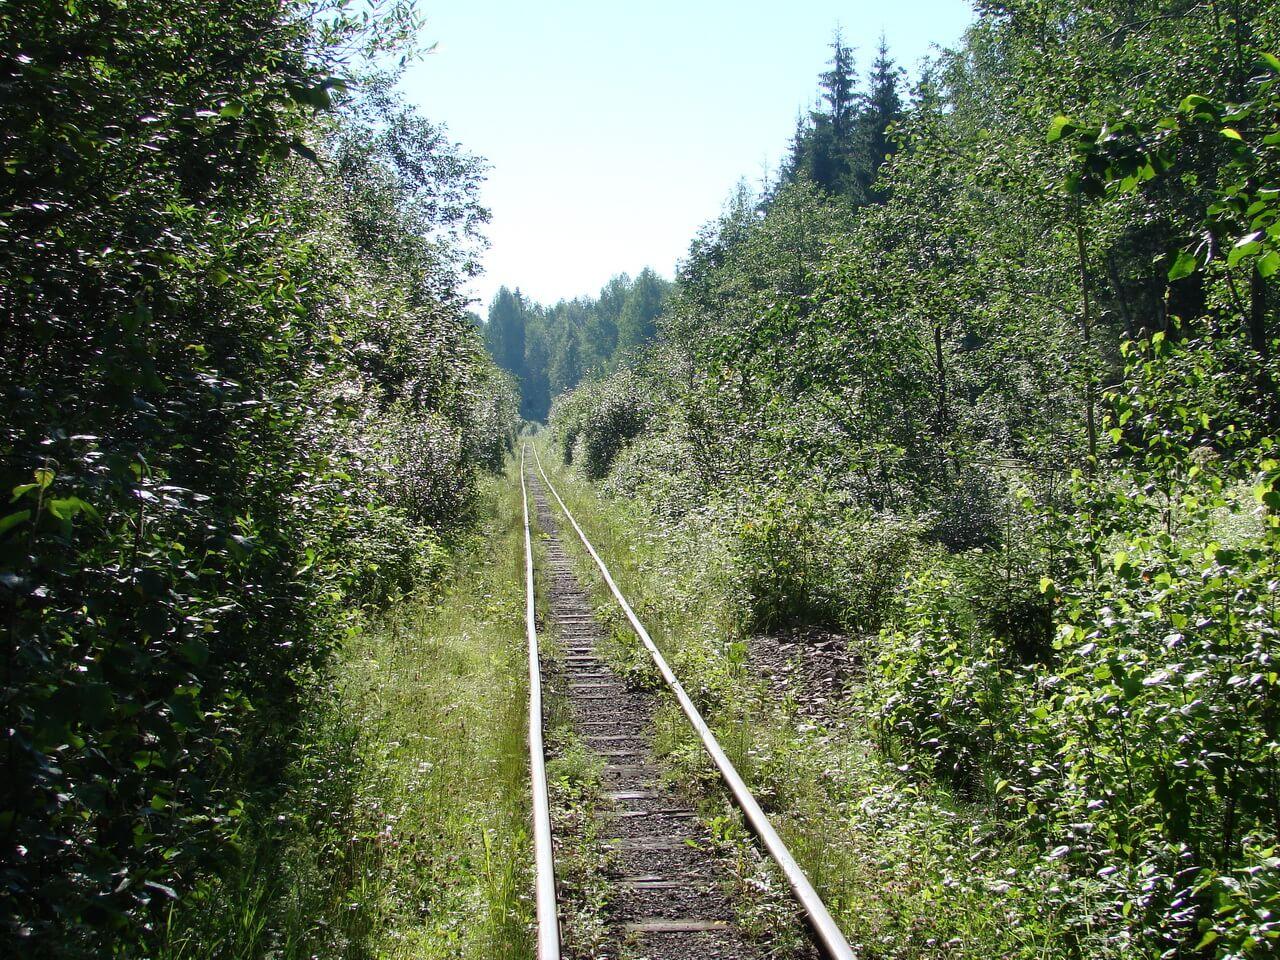 Висимо-Уткинская узкоколейная дорога